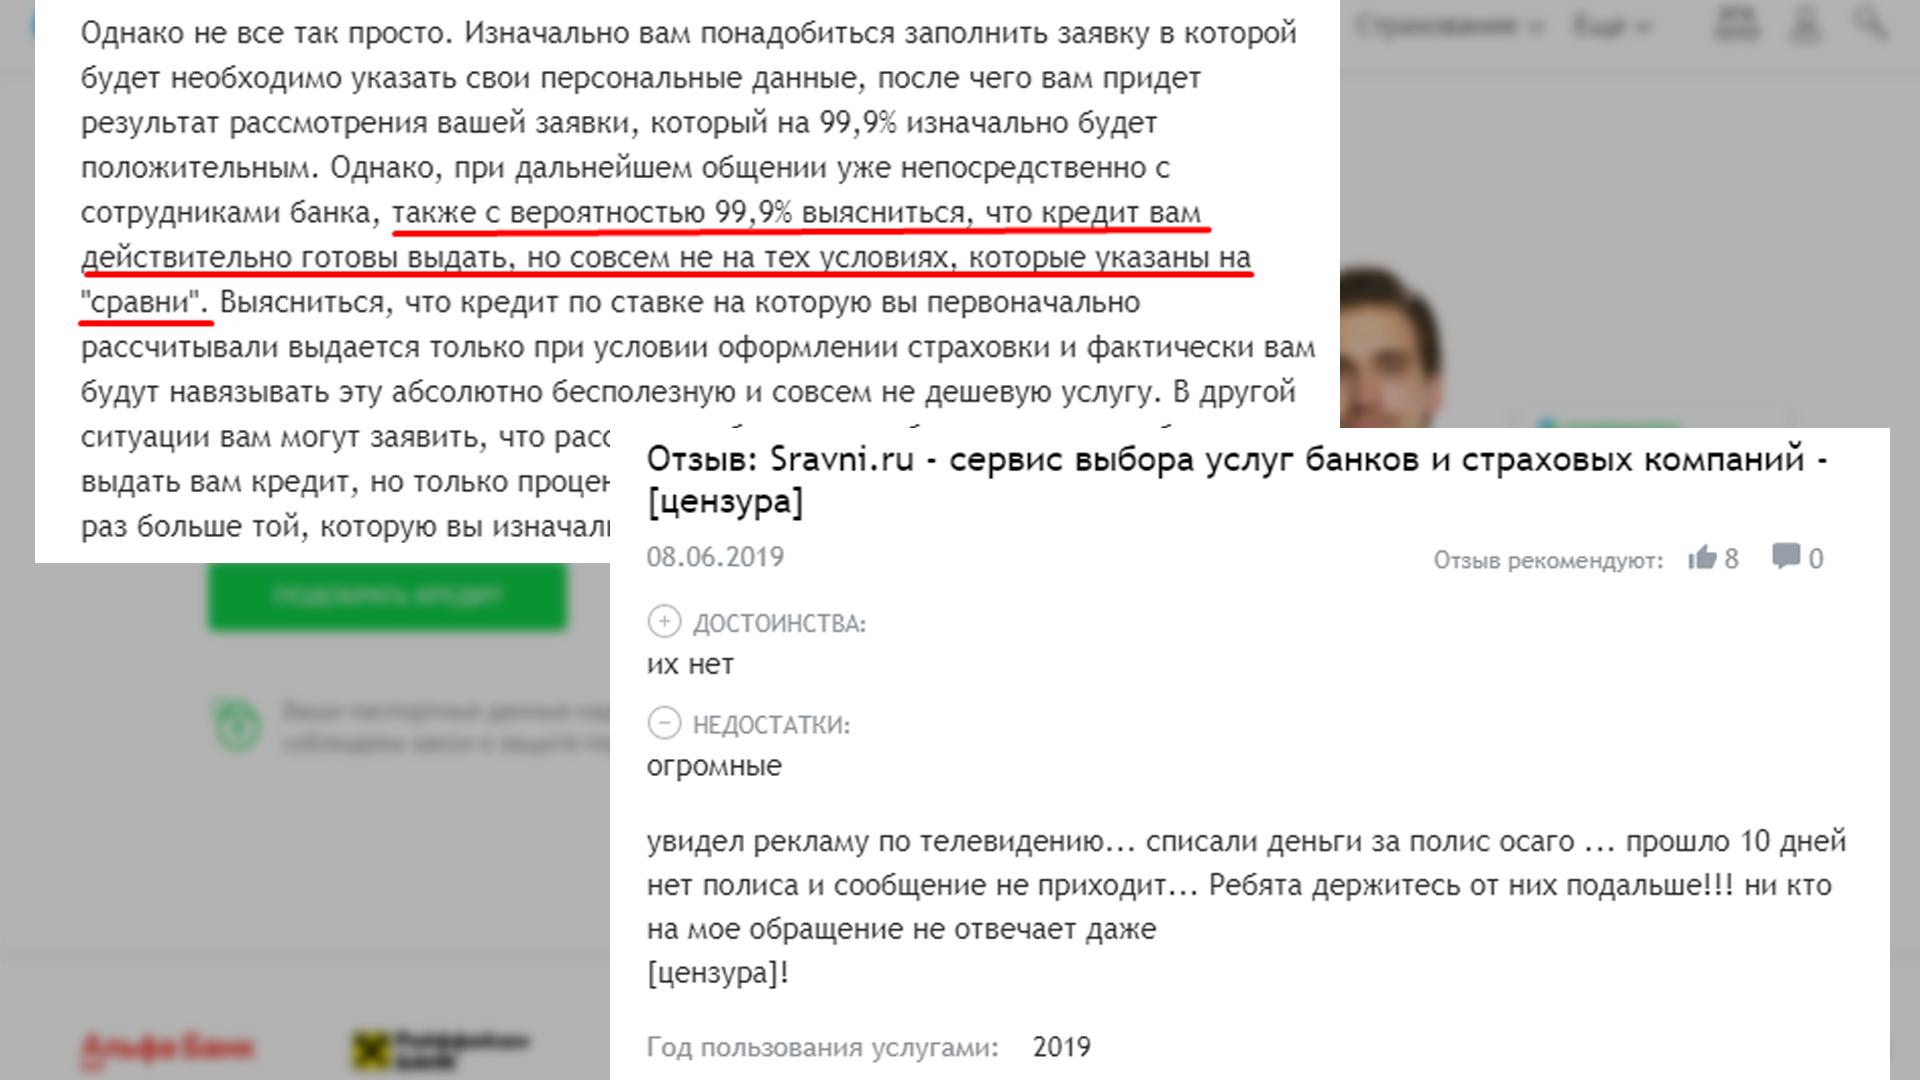 Скриншот отзыва о недостоверности данных на сайте Sravni.ru по кредиту и неотправленного клиенту полиса ОСАГО.